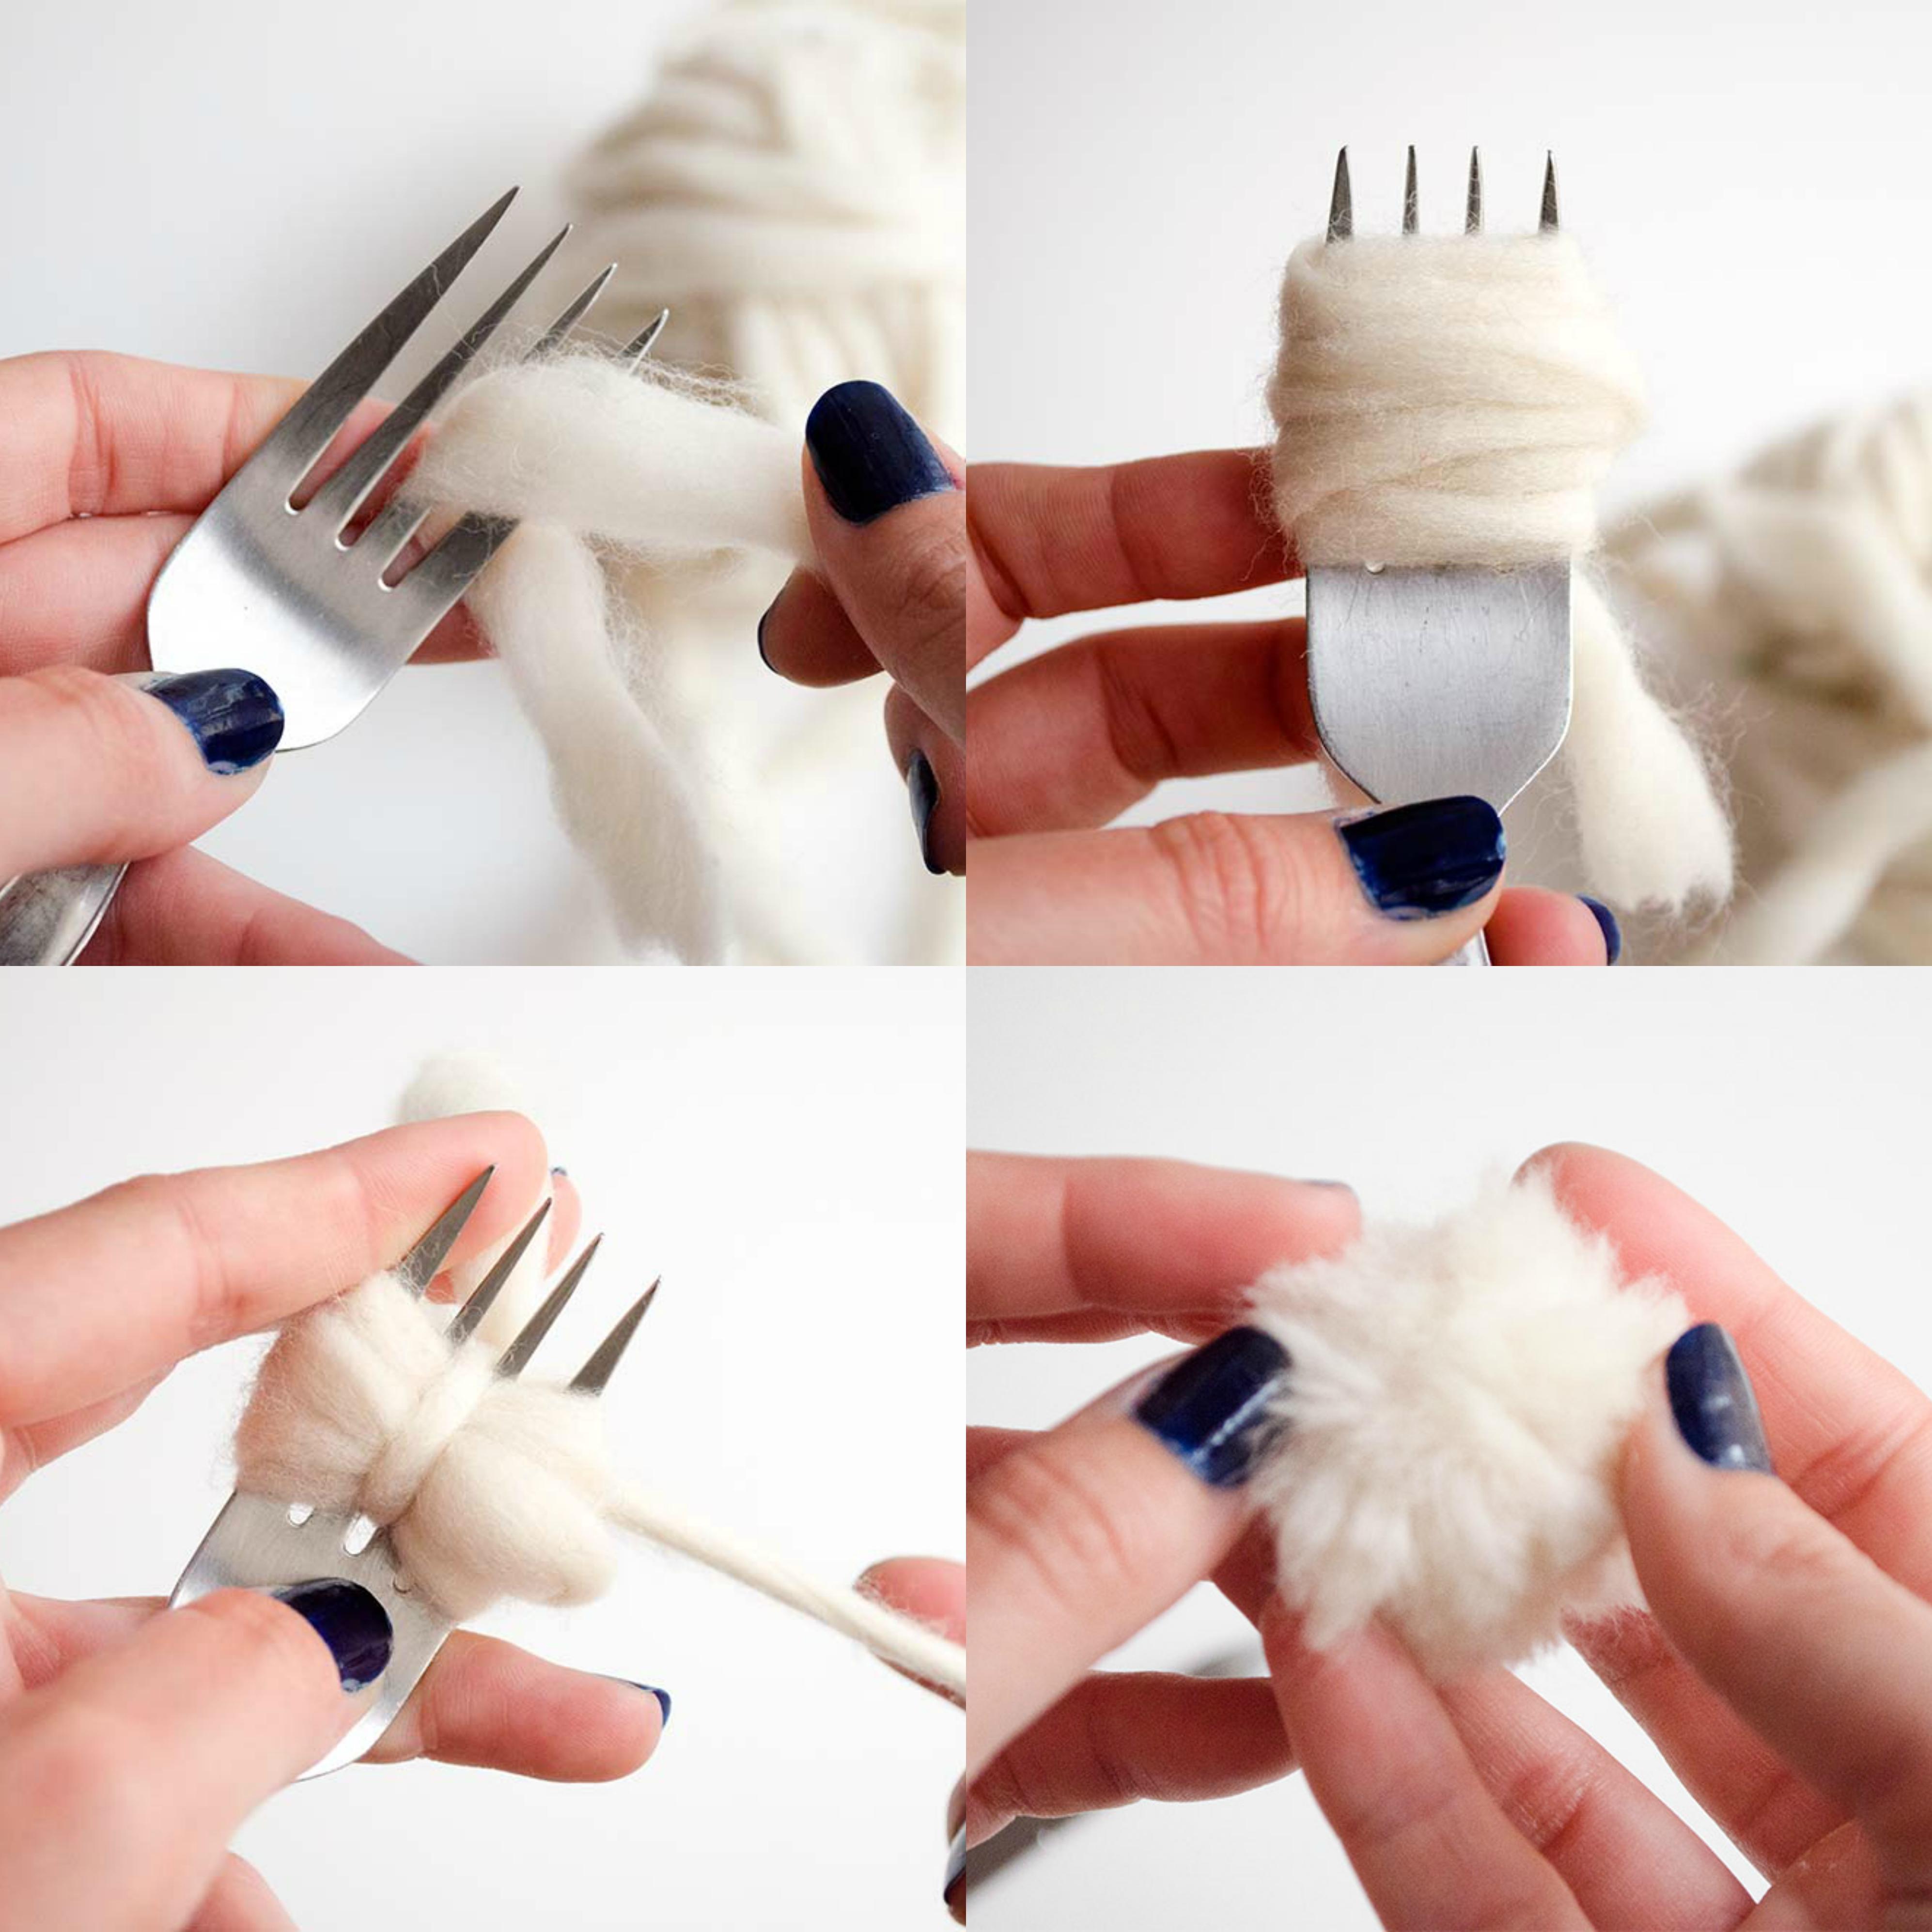 manualidades con lana, pasos para hacer un pompón de lana con un tenedor, alfombra de pompones paso a paso